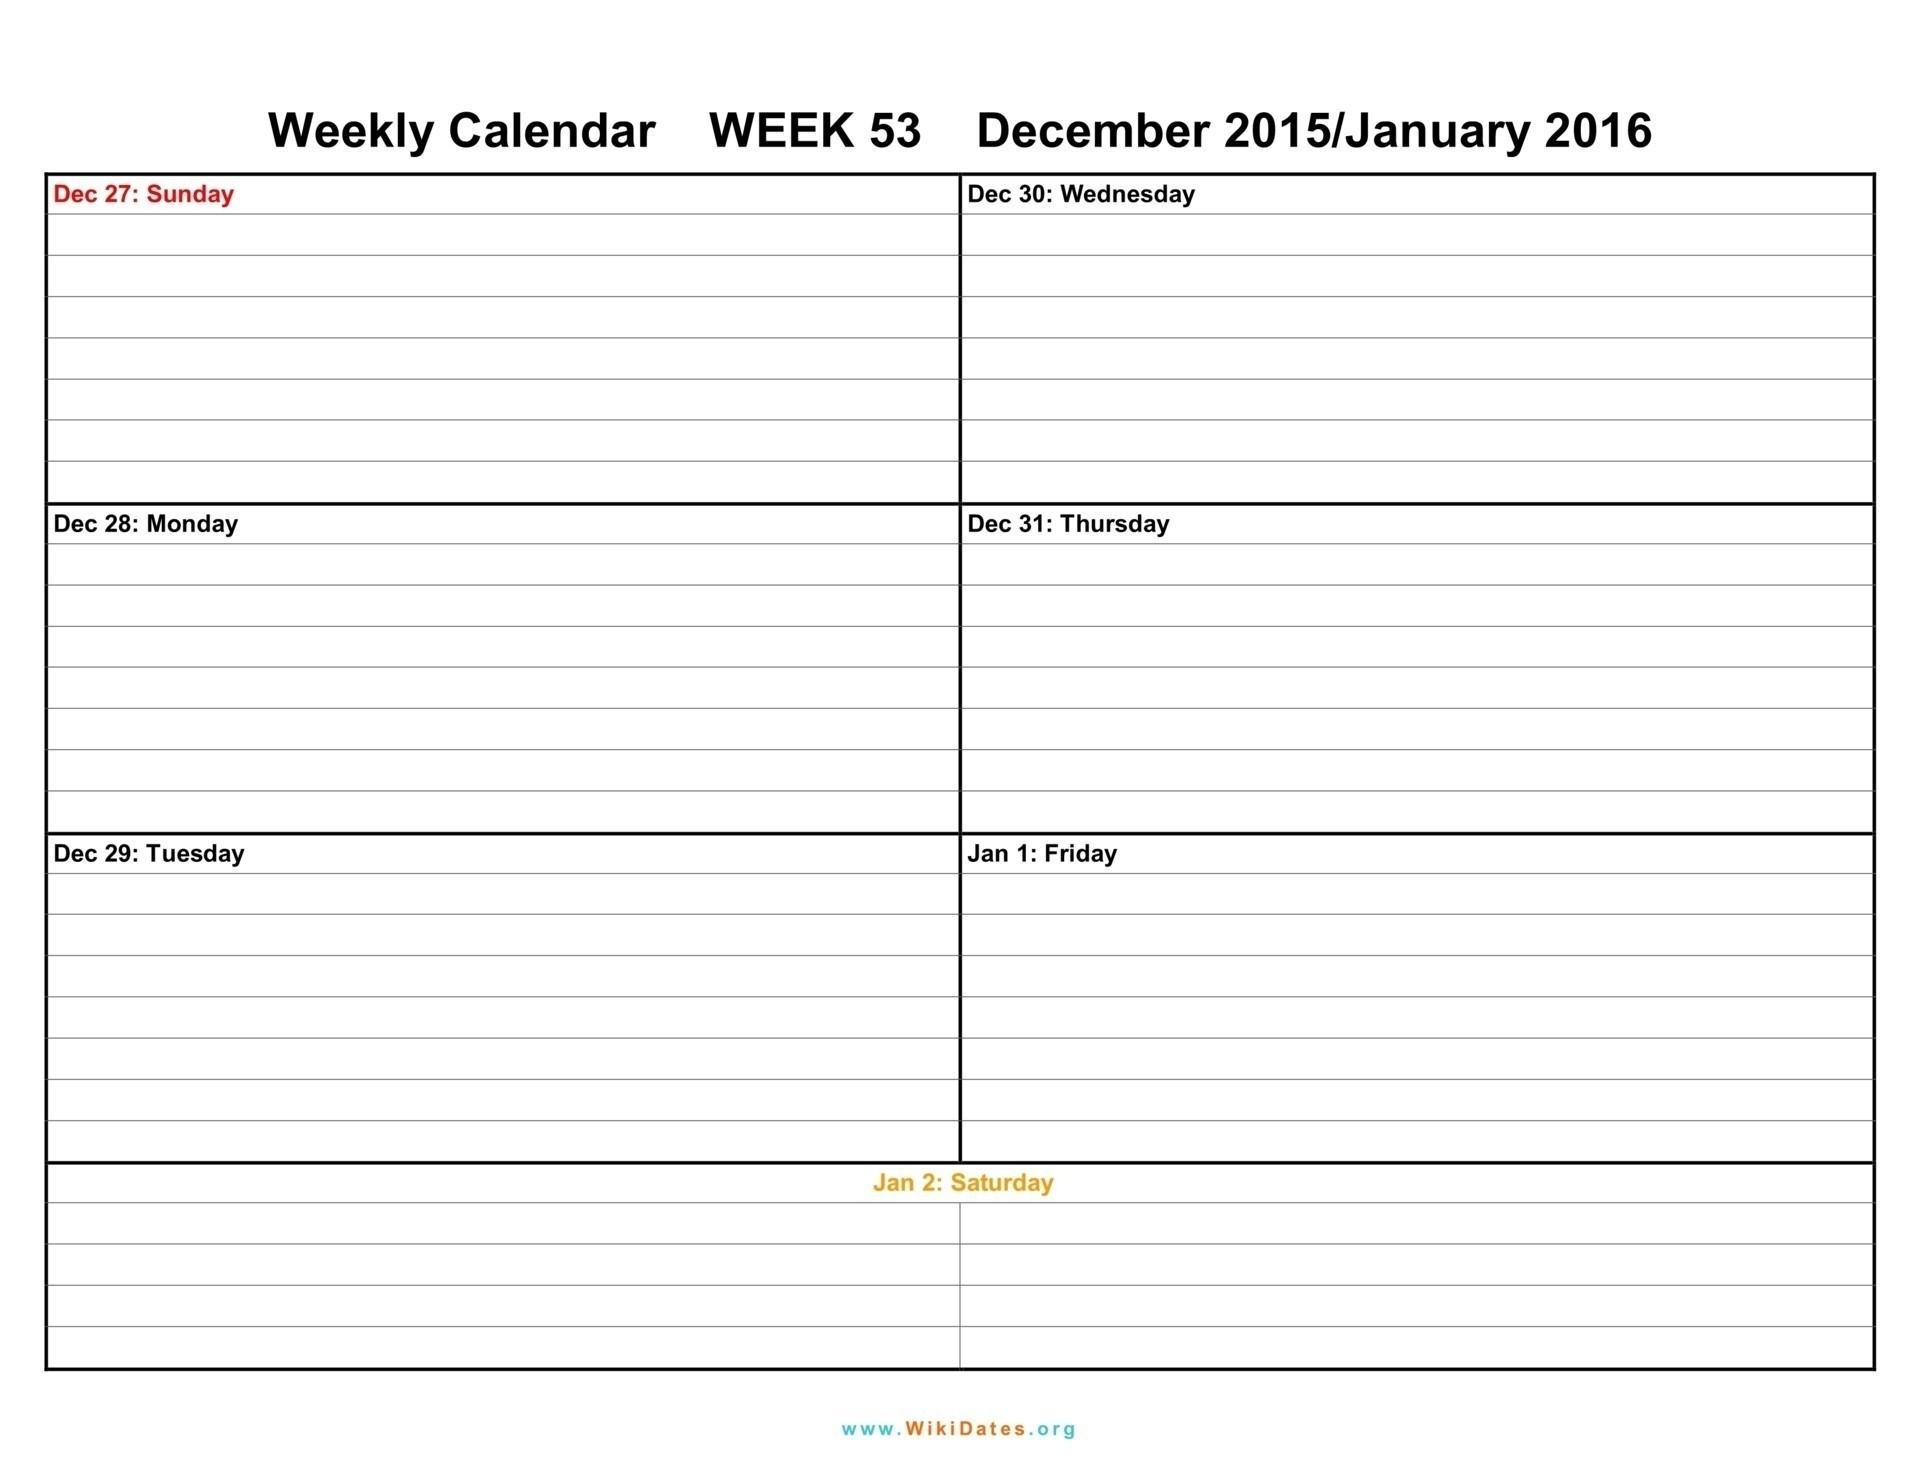 Printable Weekly Calendar Two Week Template Weeks Blank December  Free Blank Printable Weekly Calendar Template